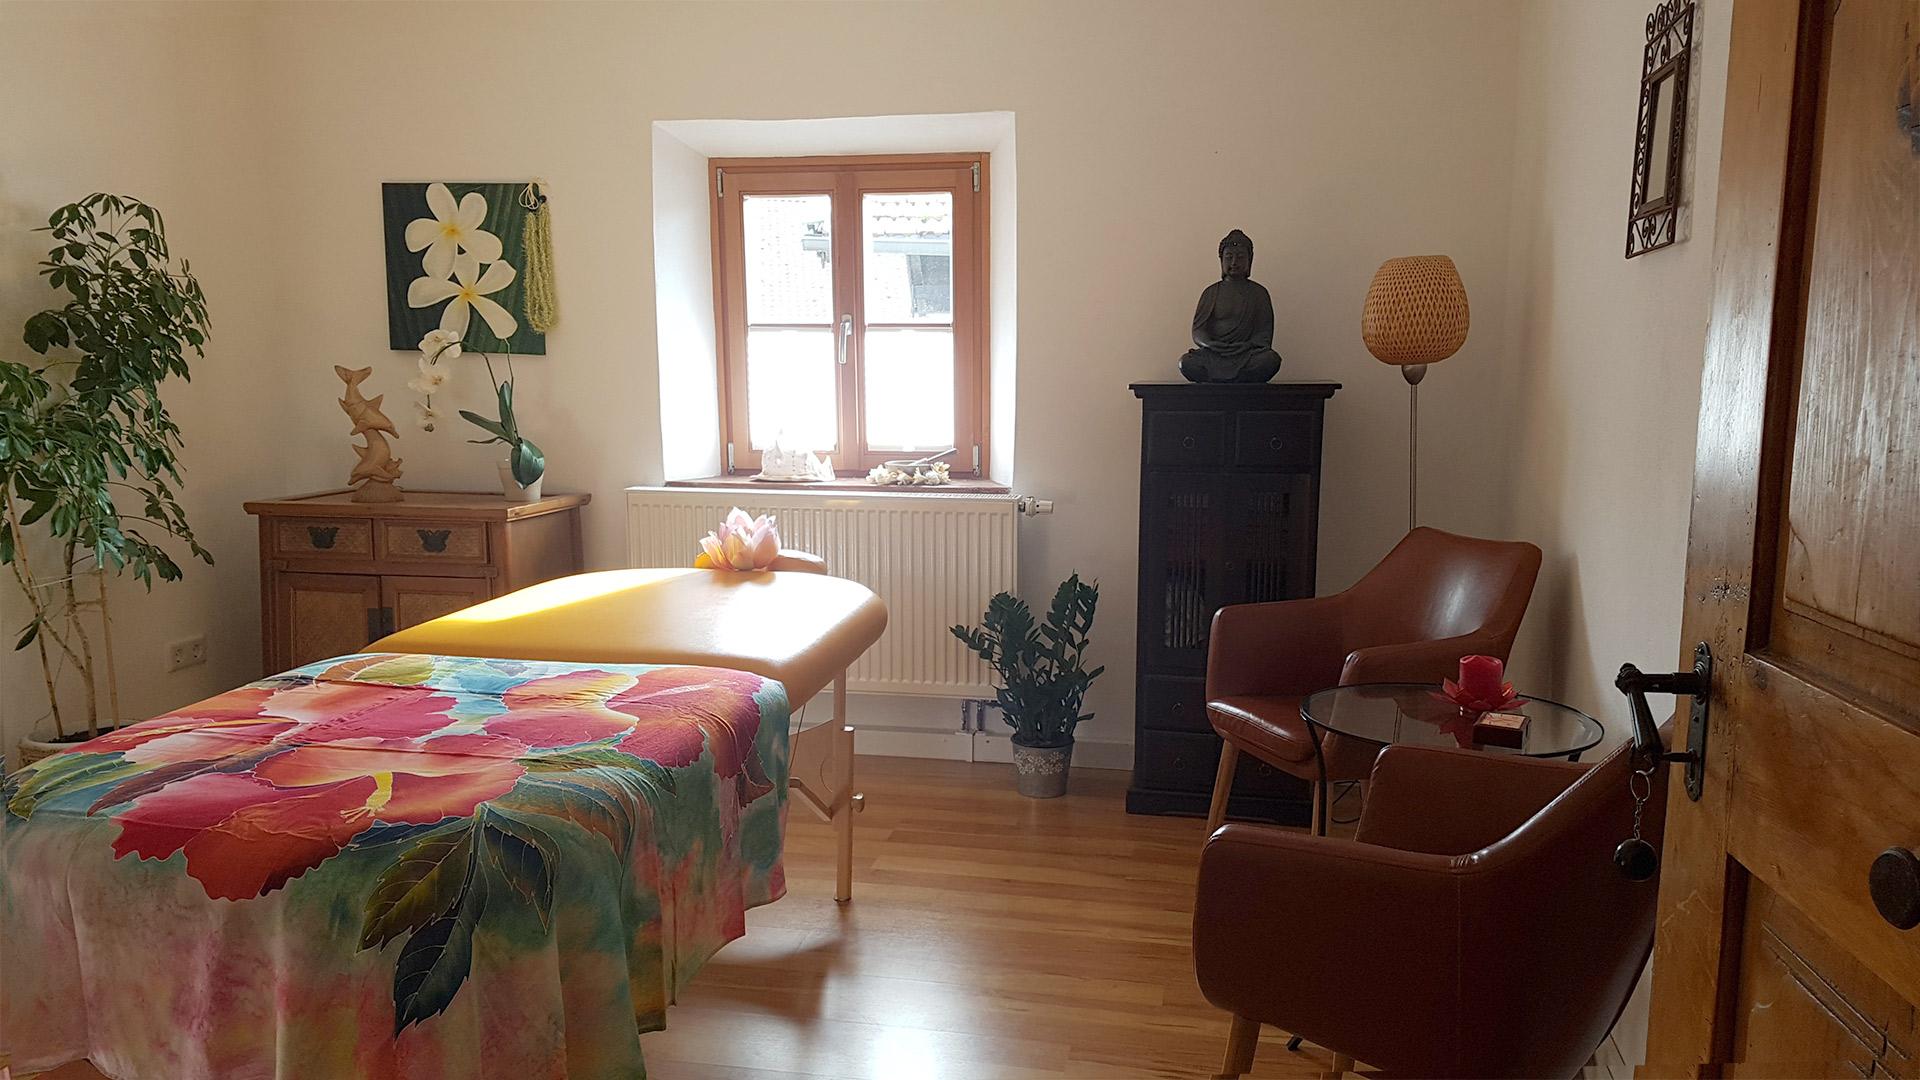 Massageraum in Nußdorf am Inn, Anna Leonhardsberger